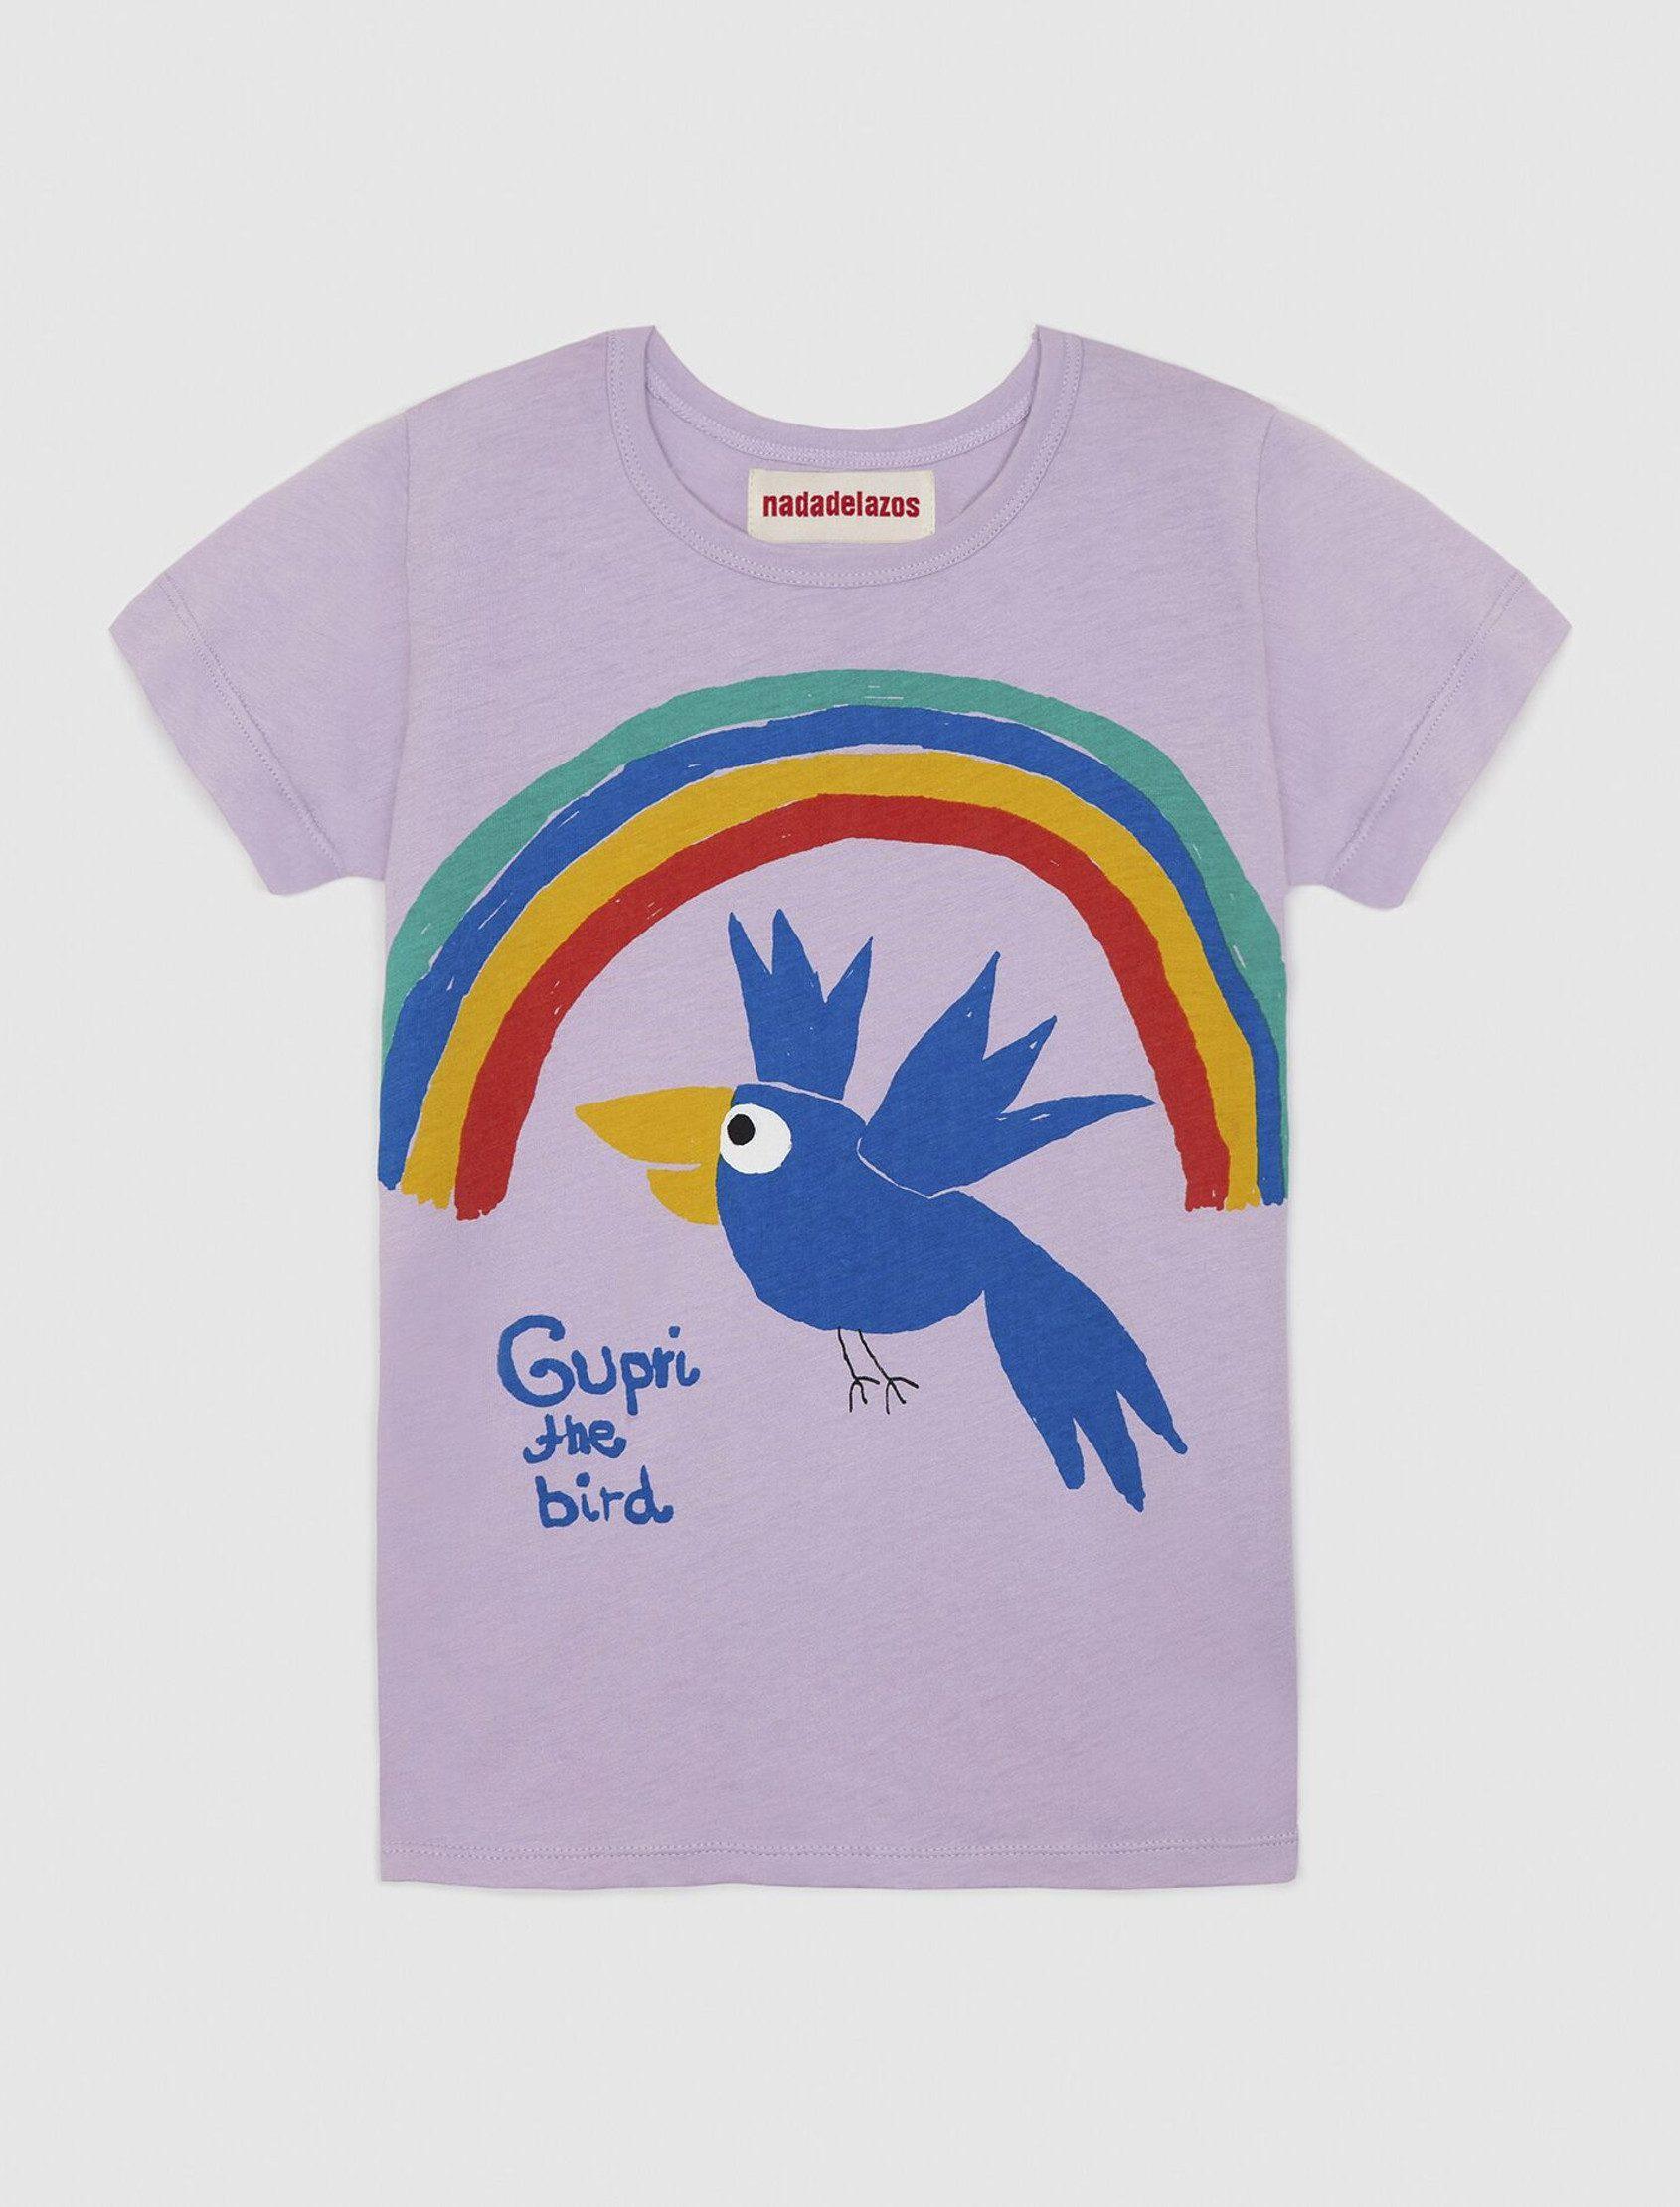 Camiseta de manga corta con estampado local Gupri Bird de Nadadelazos ss20. Los tamaños pequeños tienen una abertura con broches en el hombro izquierdo.